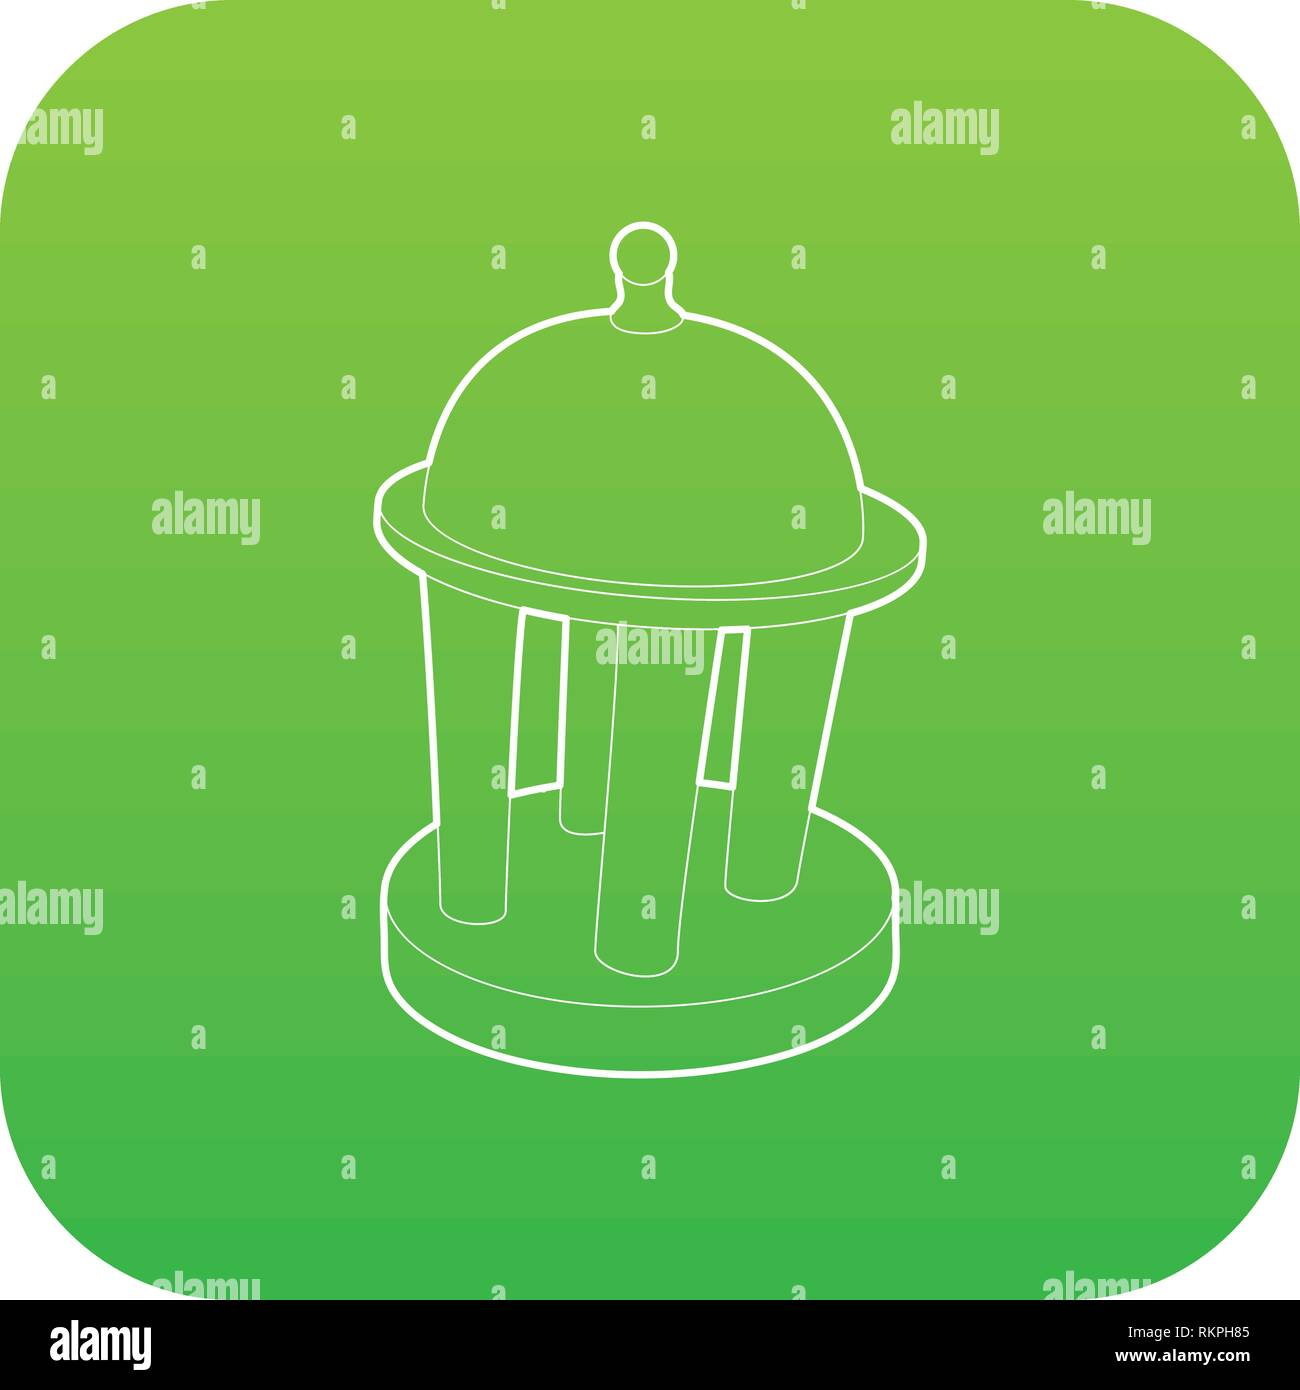 Rotunda icon green vector - Stock Vector